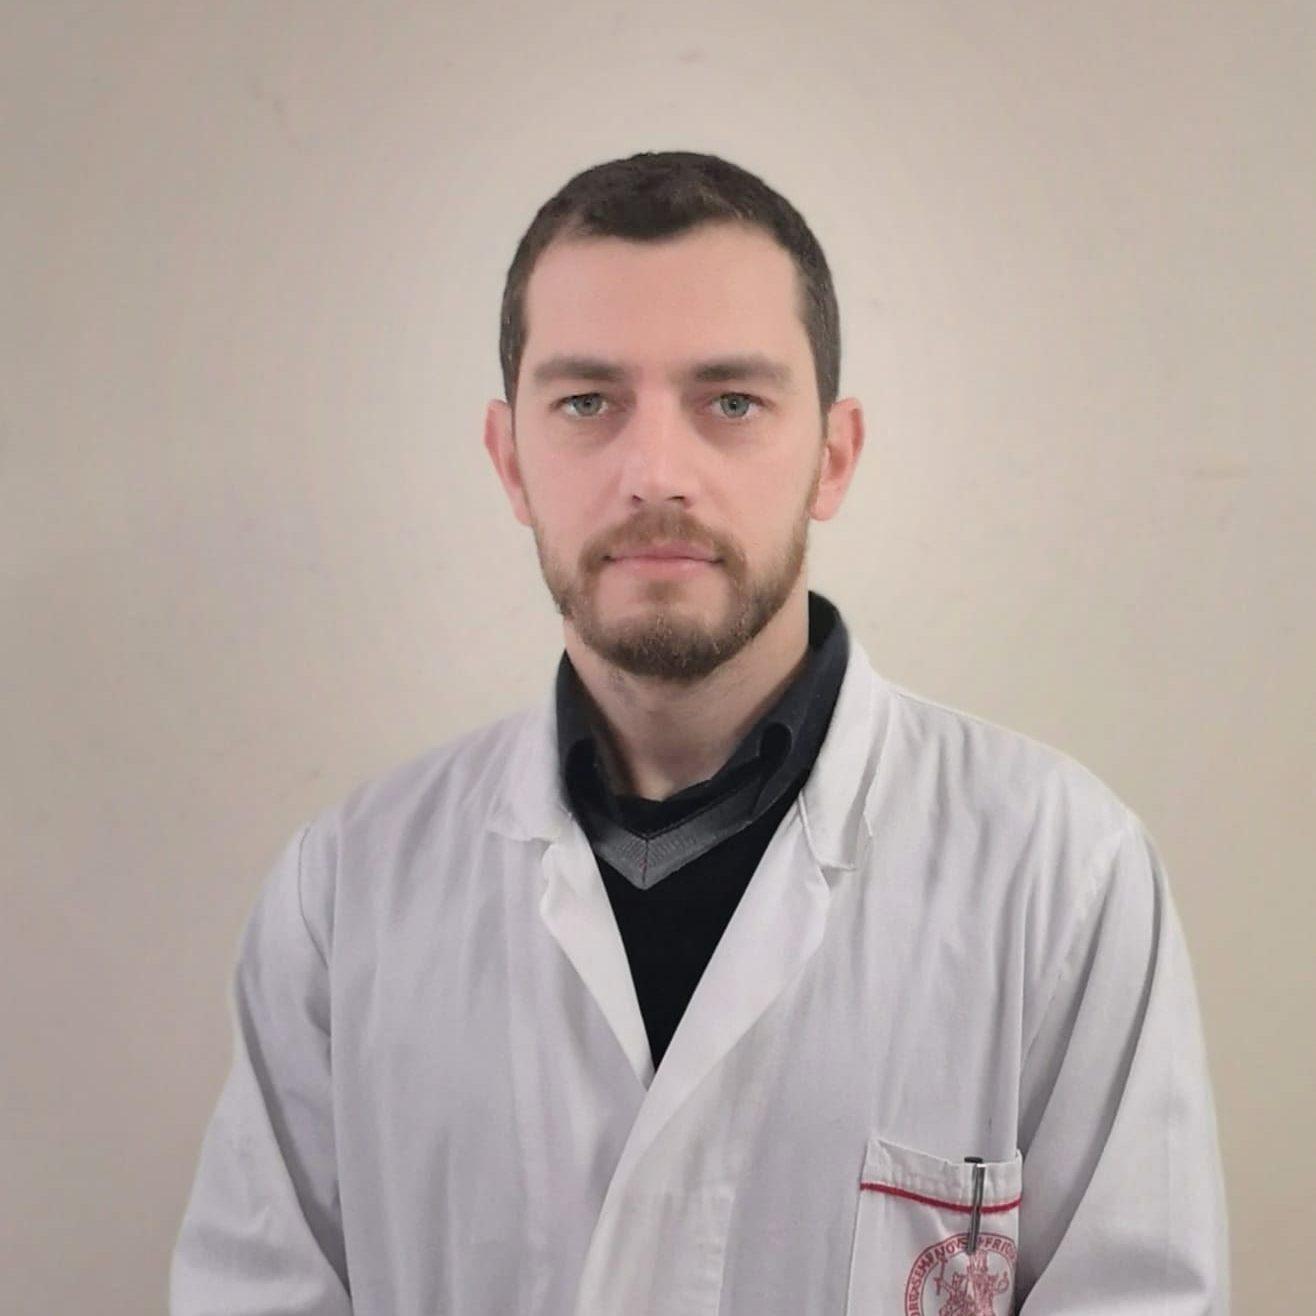 Pellegrino Lippiello